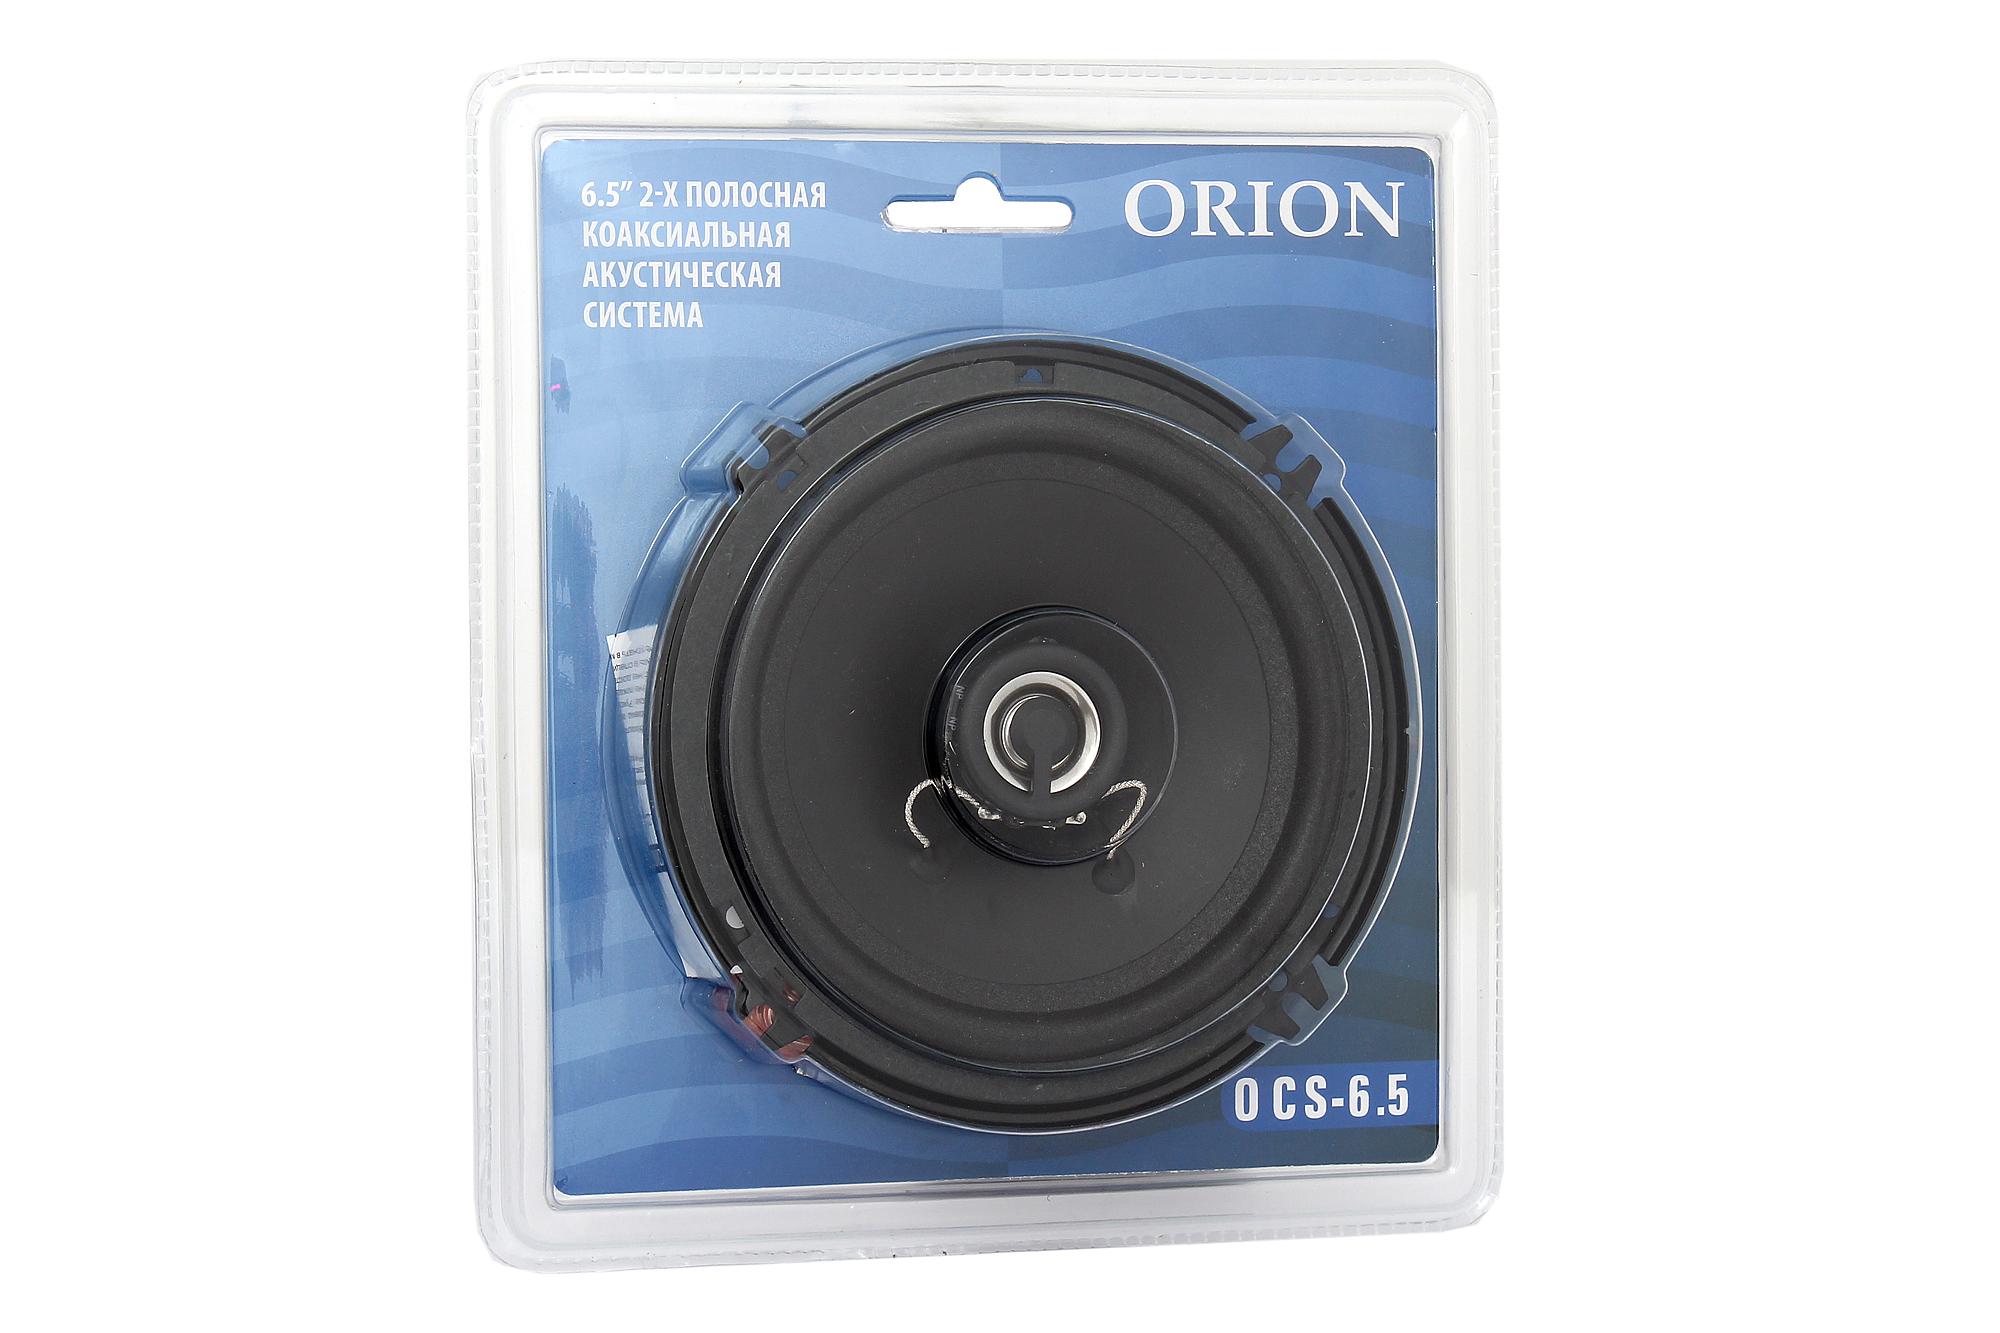 Колонки ORION OCS-6.5